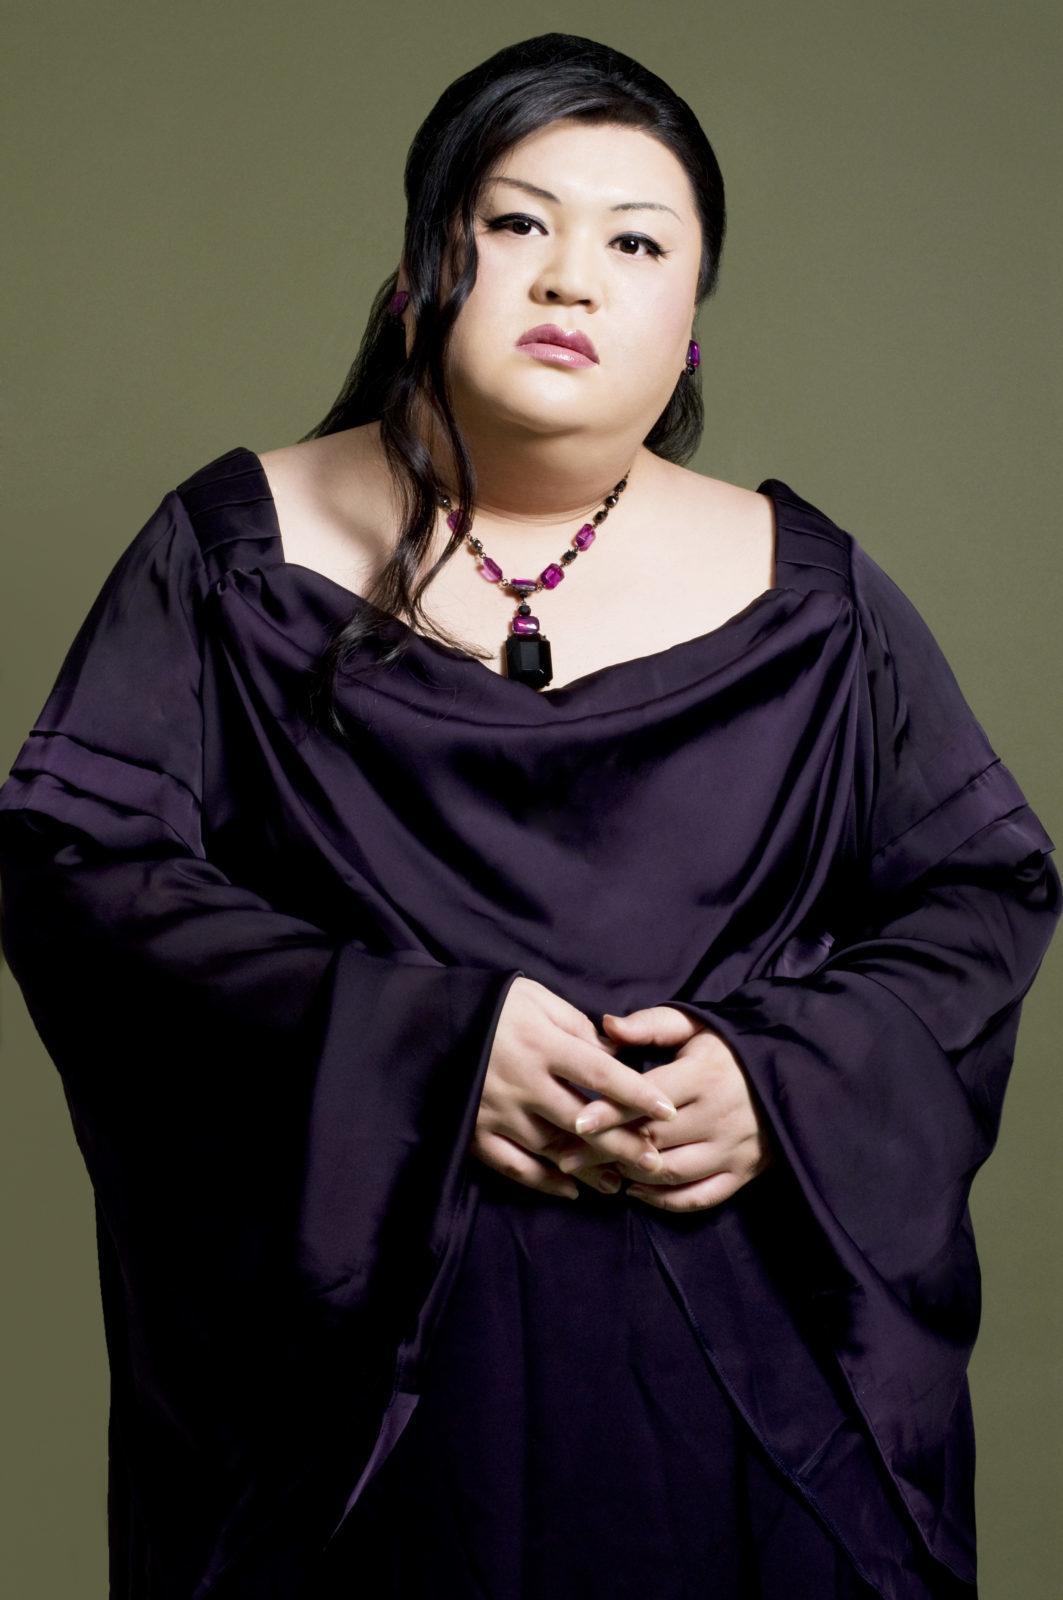 マツコ、吉永小百合のバラエティ番組出演理由に驚愕「虚言だと思ってた」サムネイル画像